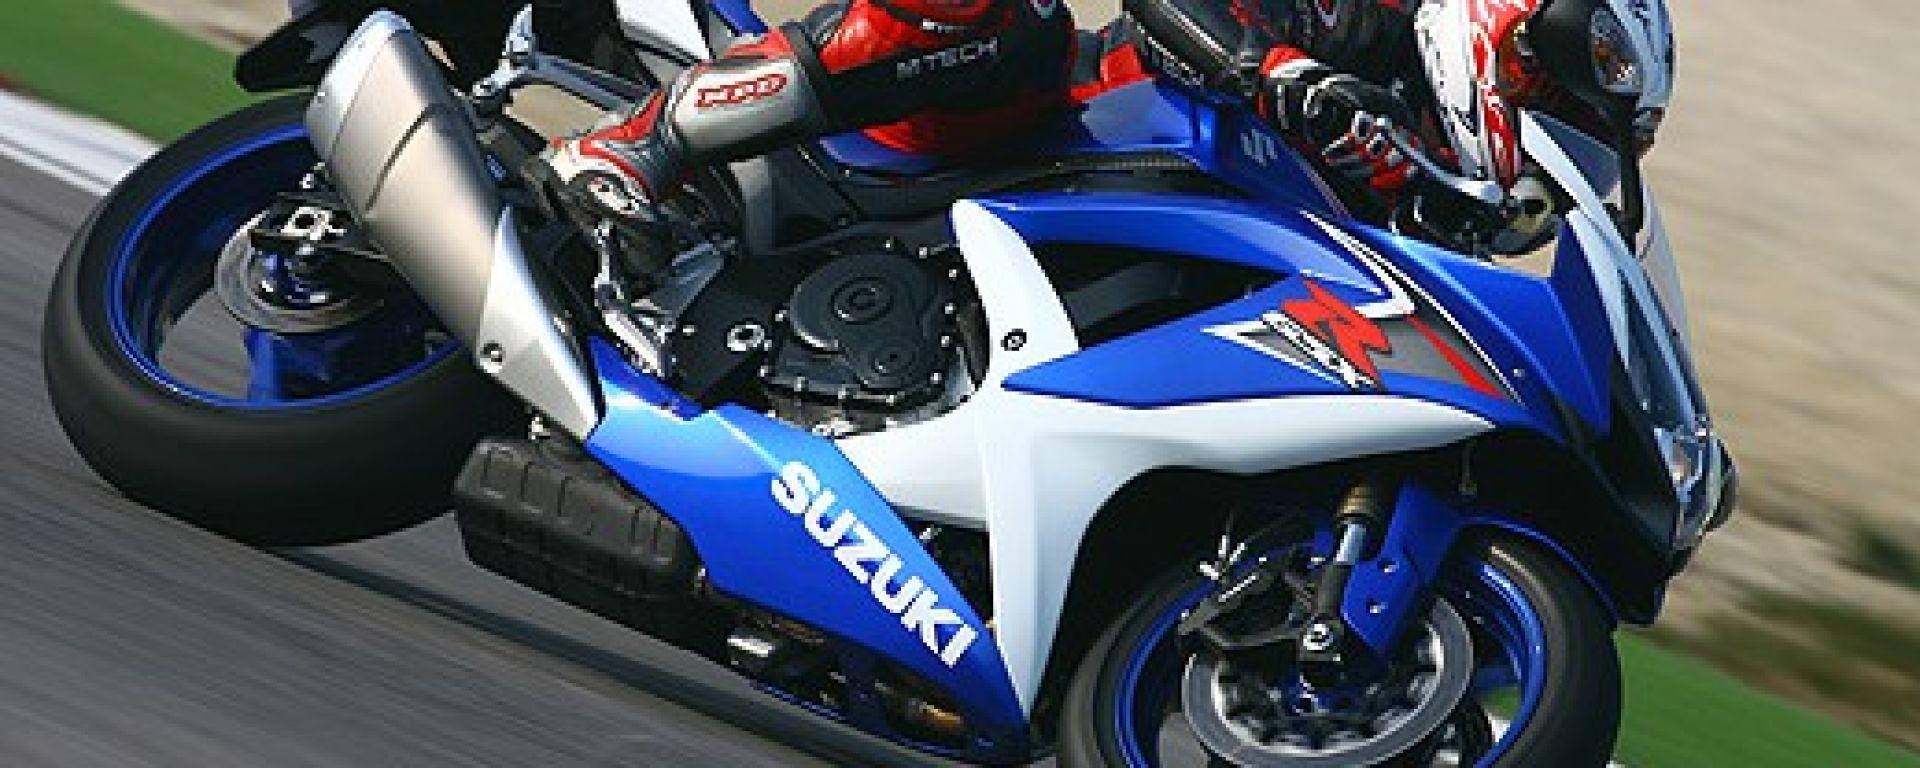 Suzuki GSX-R 600 K8